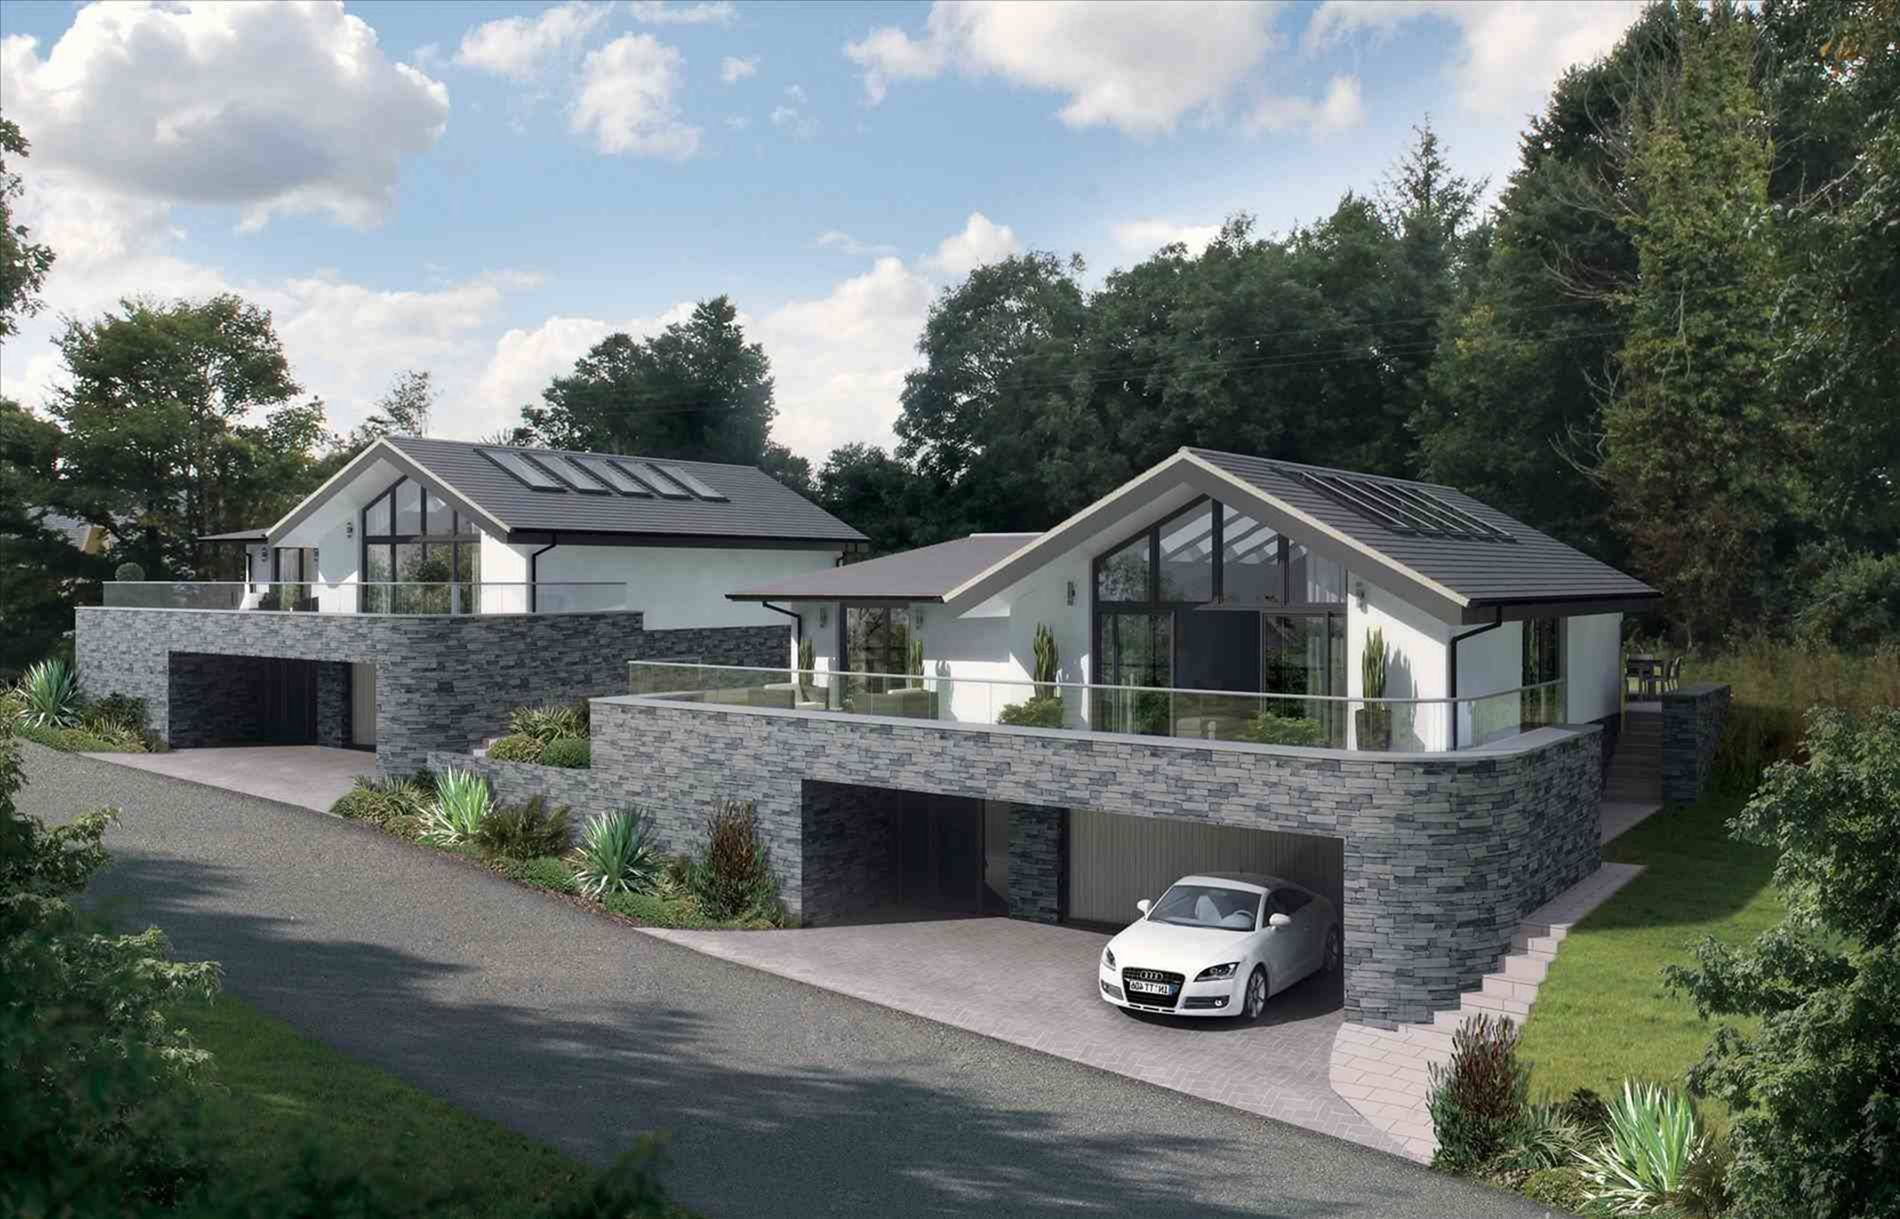 30 Gorgeous Scandinavian Modern House Designs For Perfect Living Ideas Dexorate Scandinavian Modern House Scandinavian Design House Exterior Design